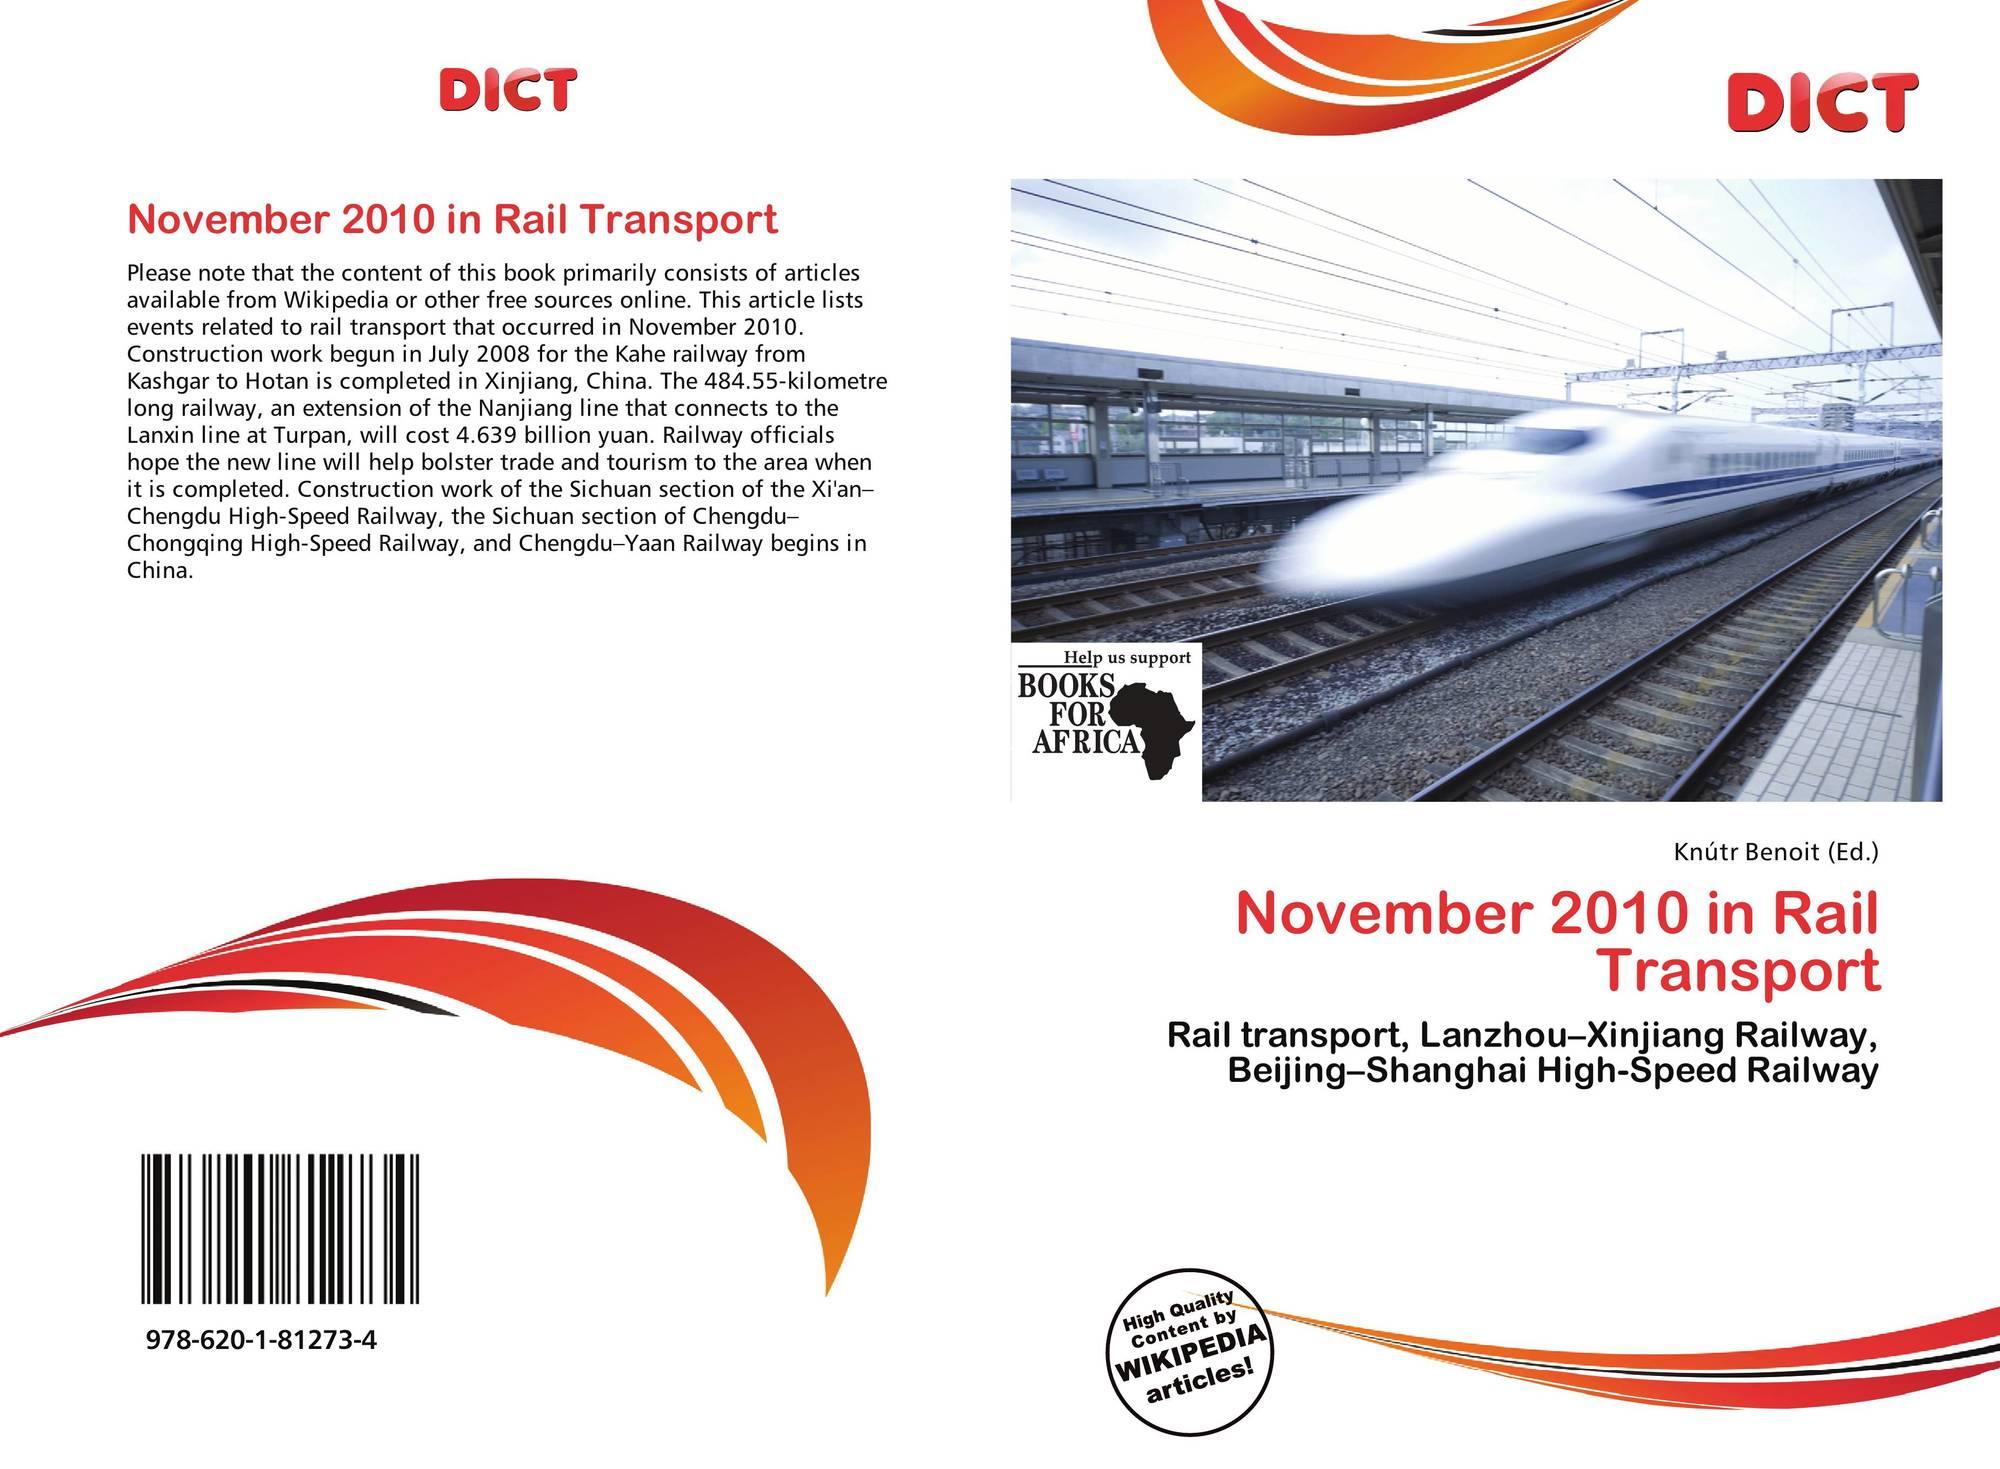 November 2010 in Rail Transport, 978-620-1-81273-4, 6201812733 ...